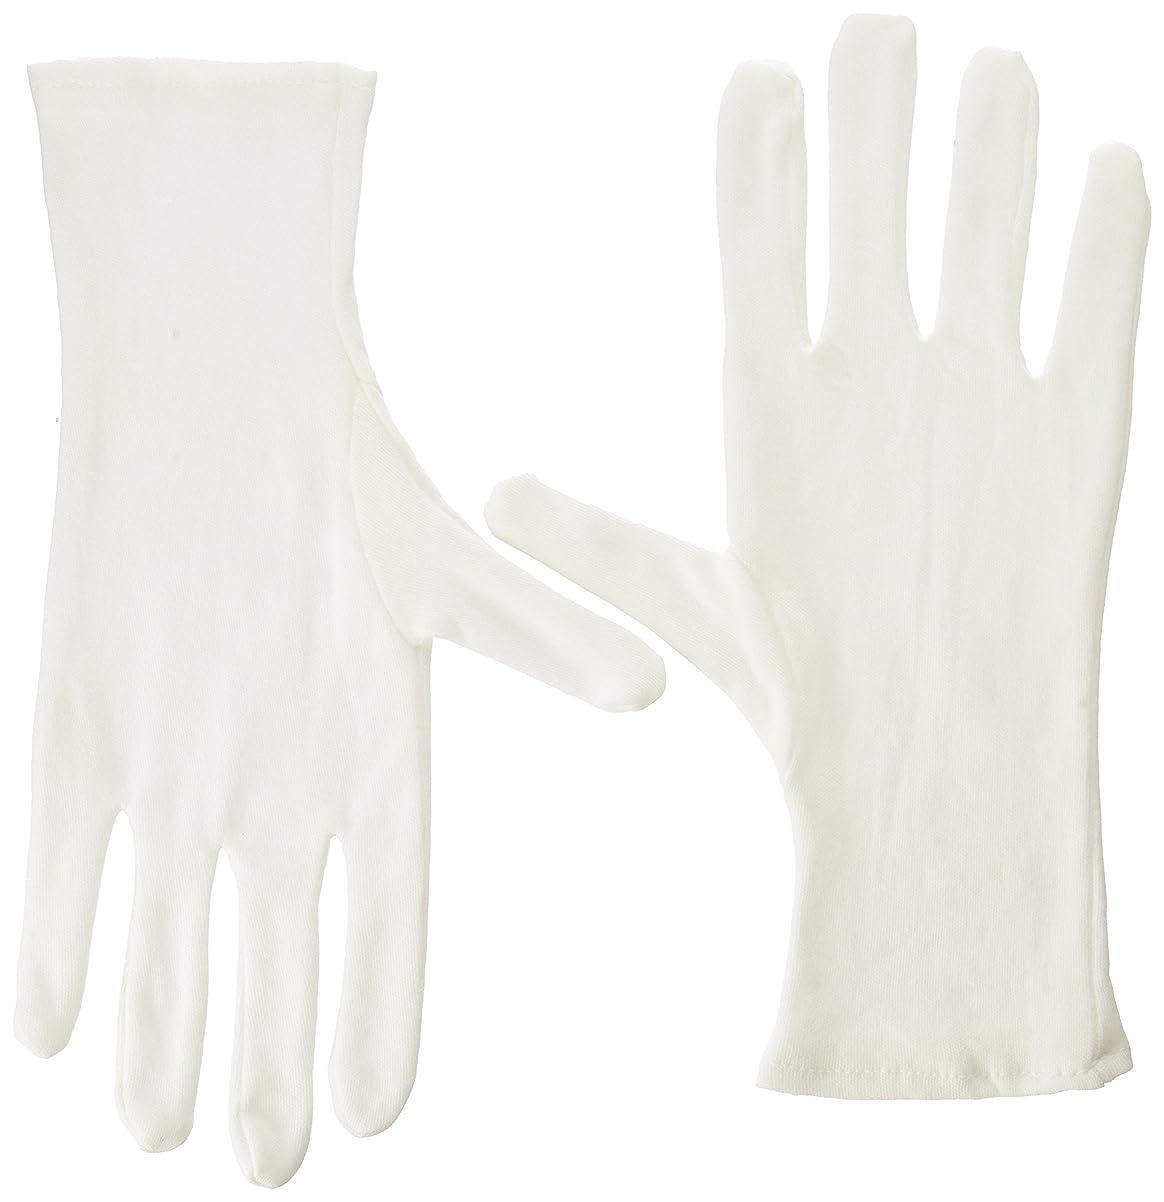 告白する真実にフラスコ綿スムス手袋 10双組